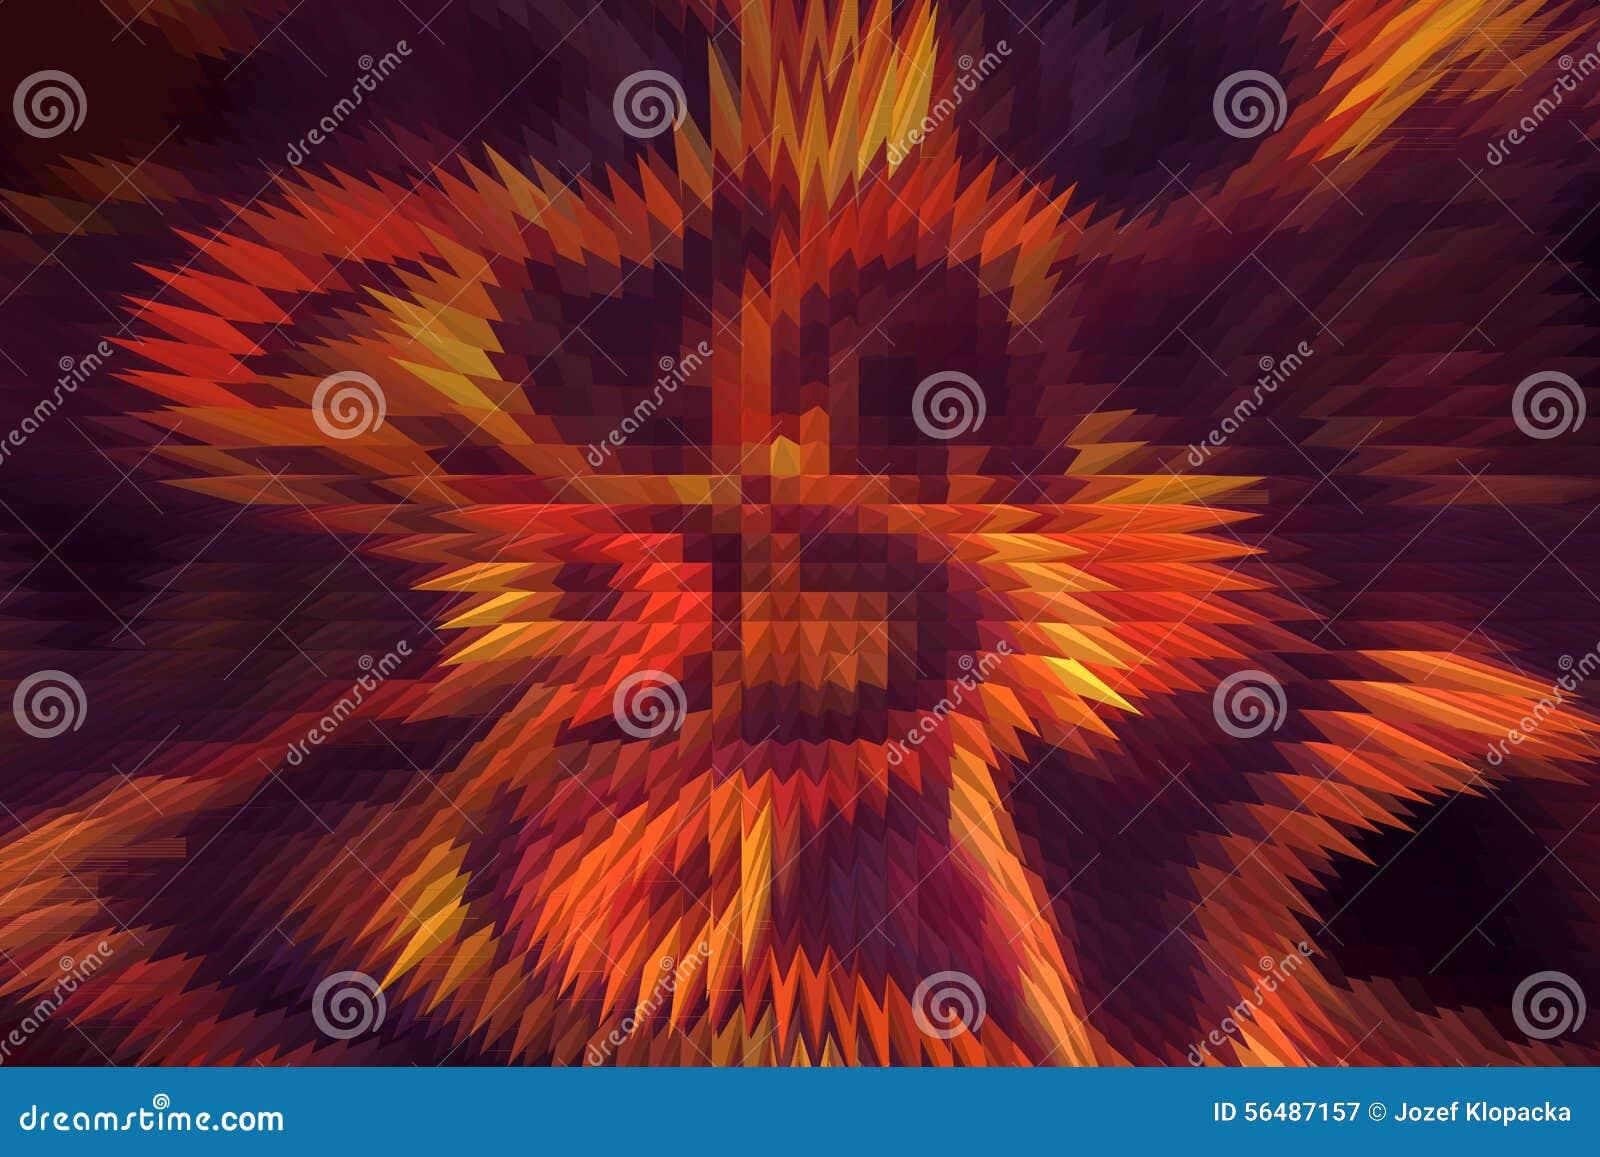 Le feu abstrait flambe sur un fond noir et violet Et effet de pyramide